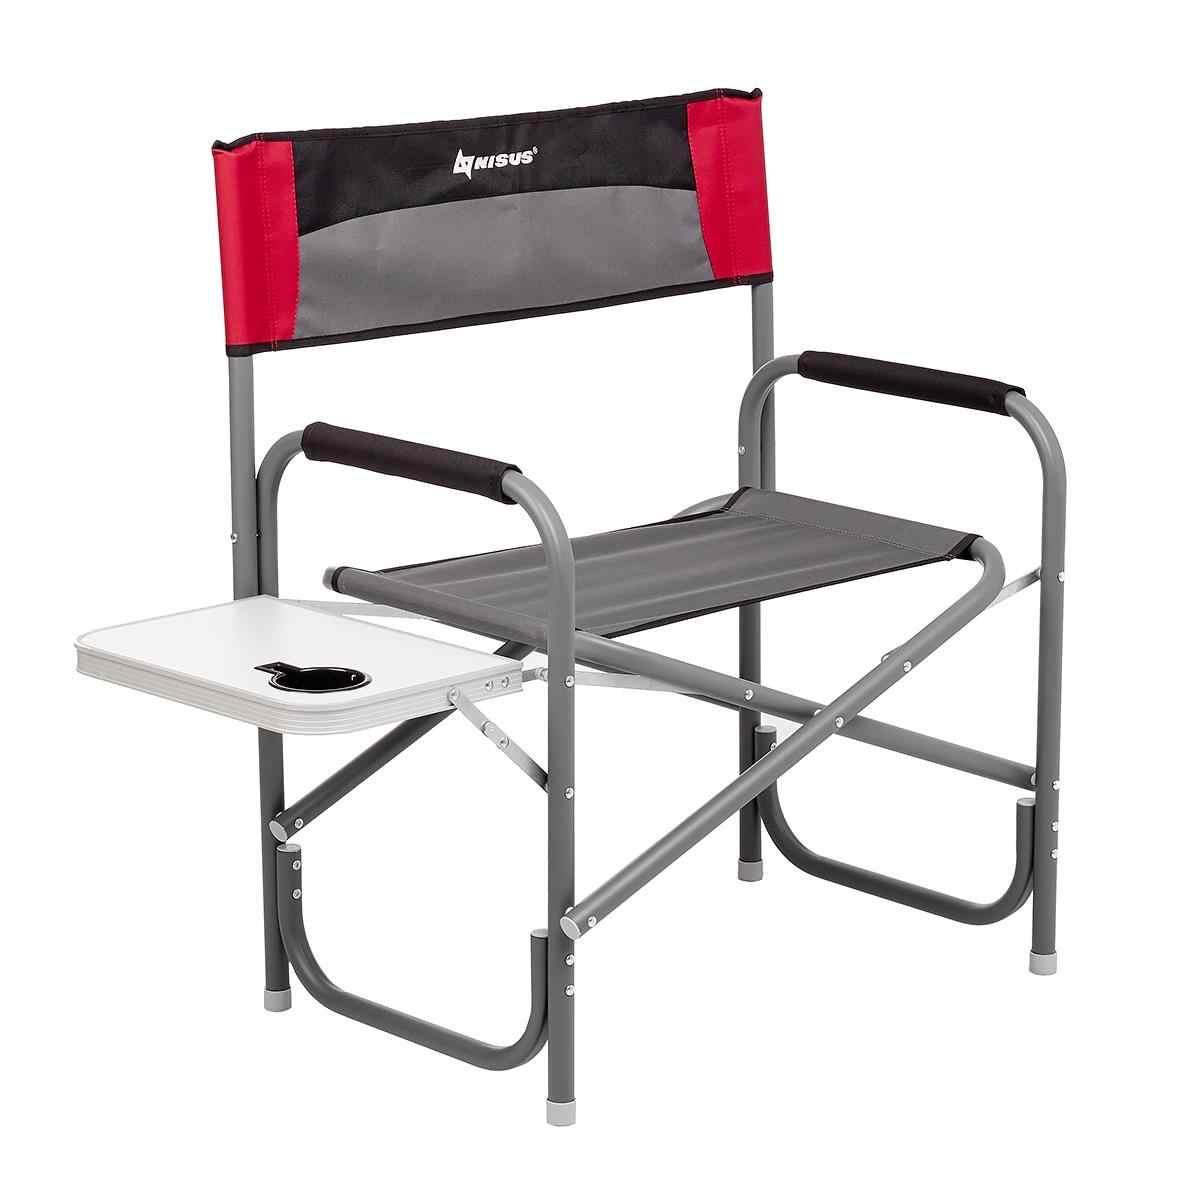 Кресло директорское с отк.стол. MAXI серый/красный/черный N-DC-95200T-M-GRD NISUS